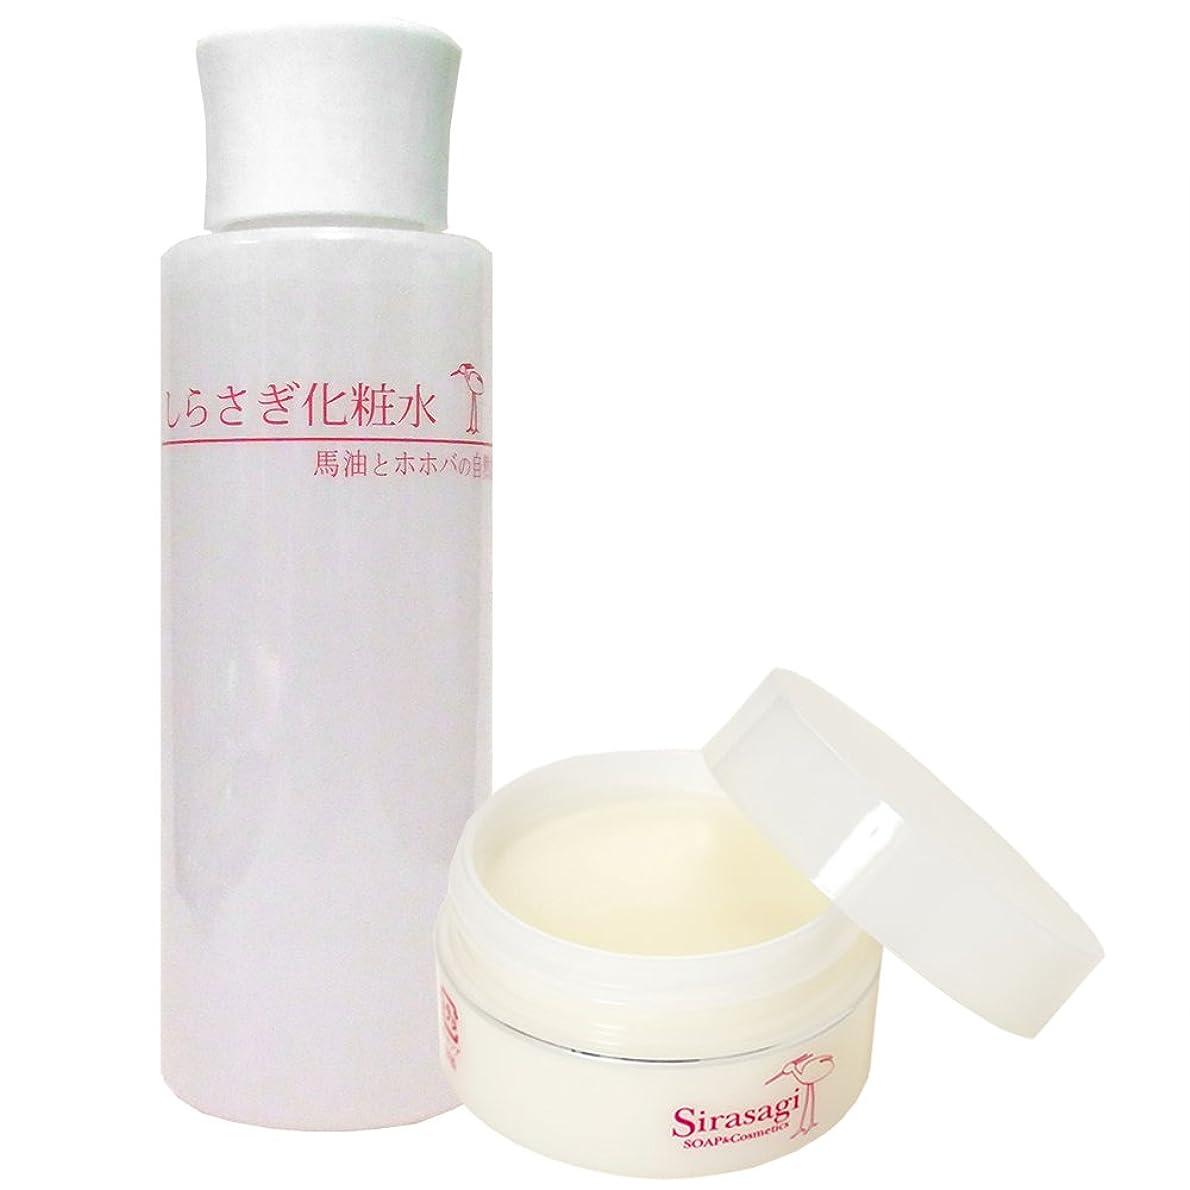 公使館パスタドライしらさぎクリーム(無香料)と新しらさぎ化粧水のセット